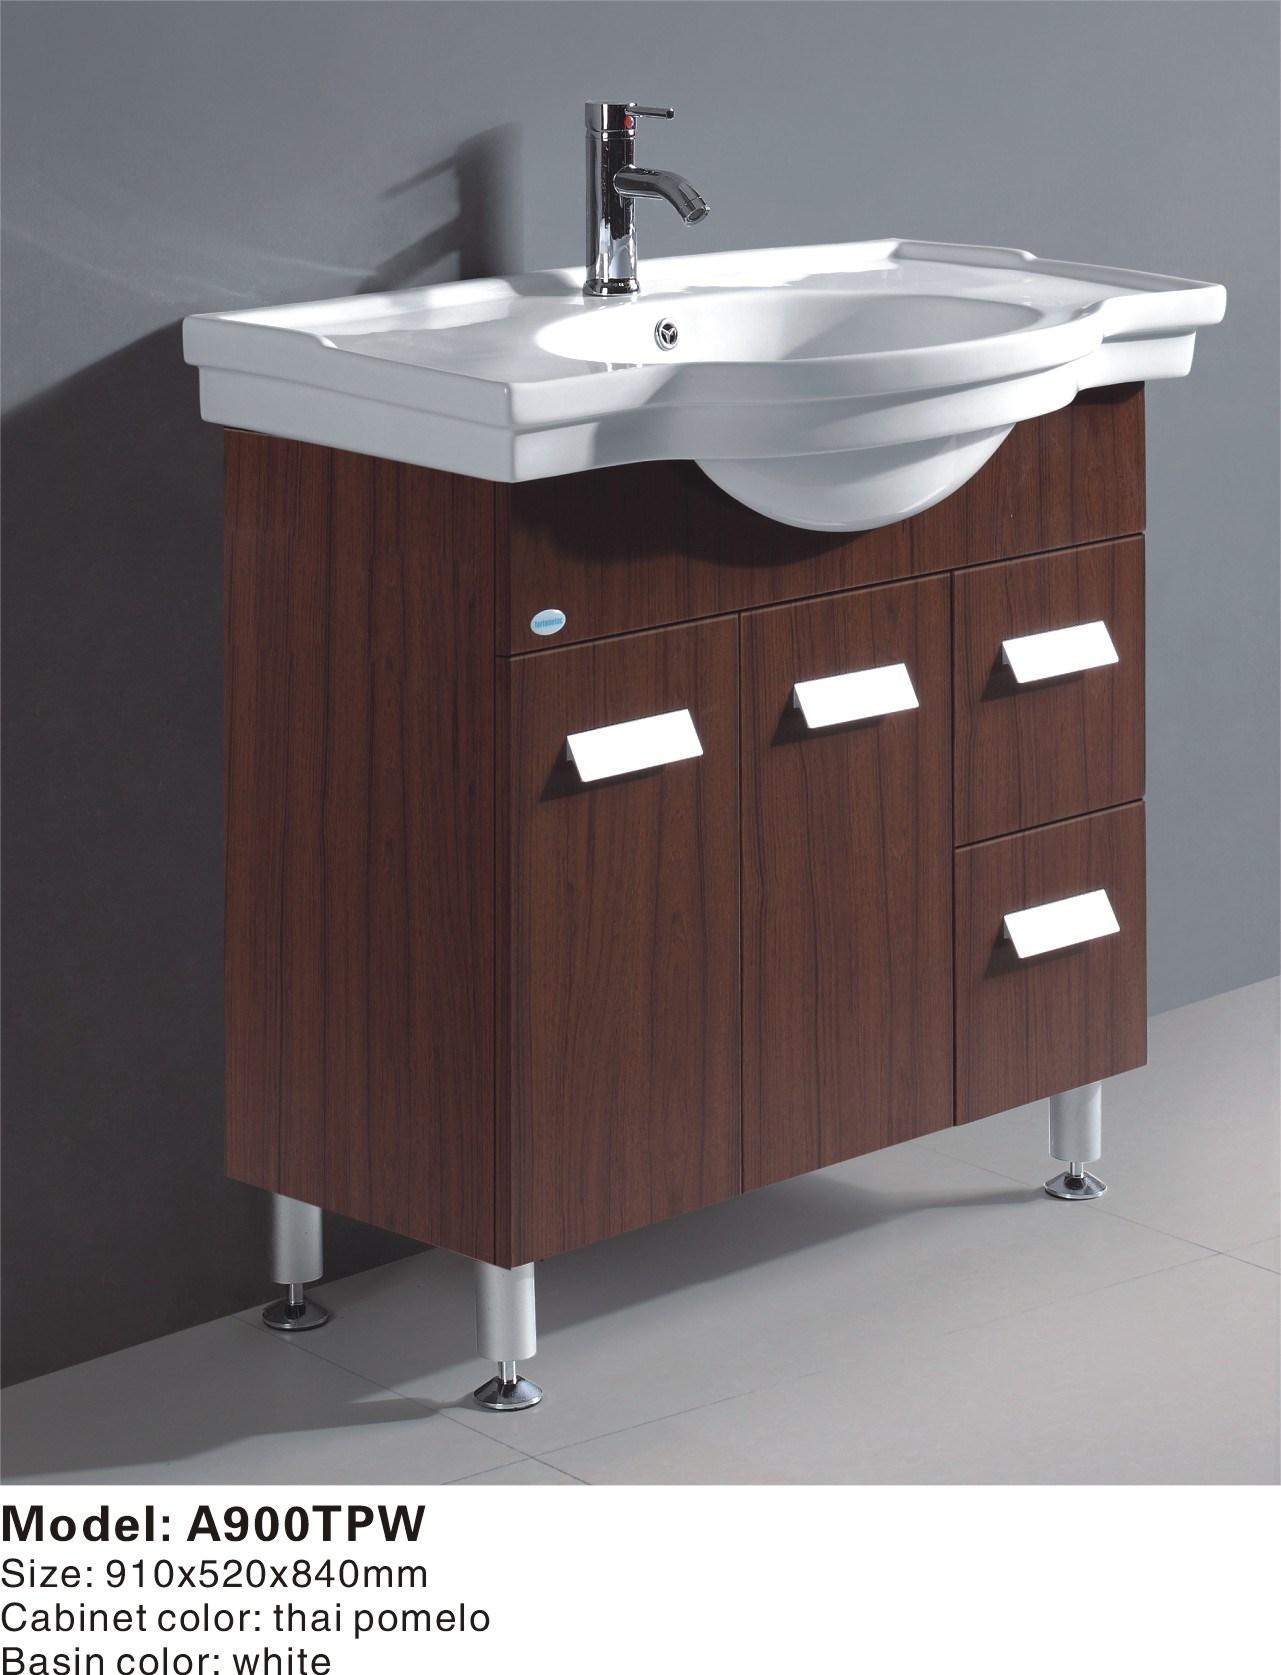 China MDF Bathroom Vanities A900TPW China Bathroom Cabinet Bathroom Vanity